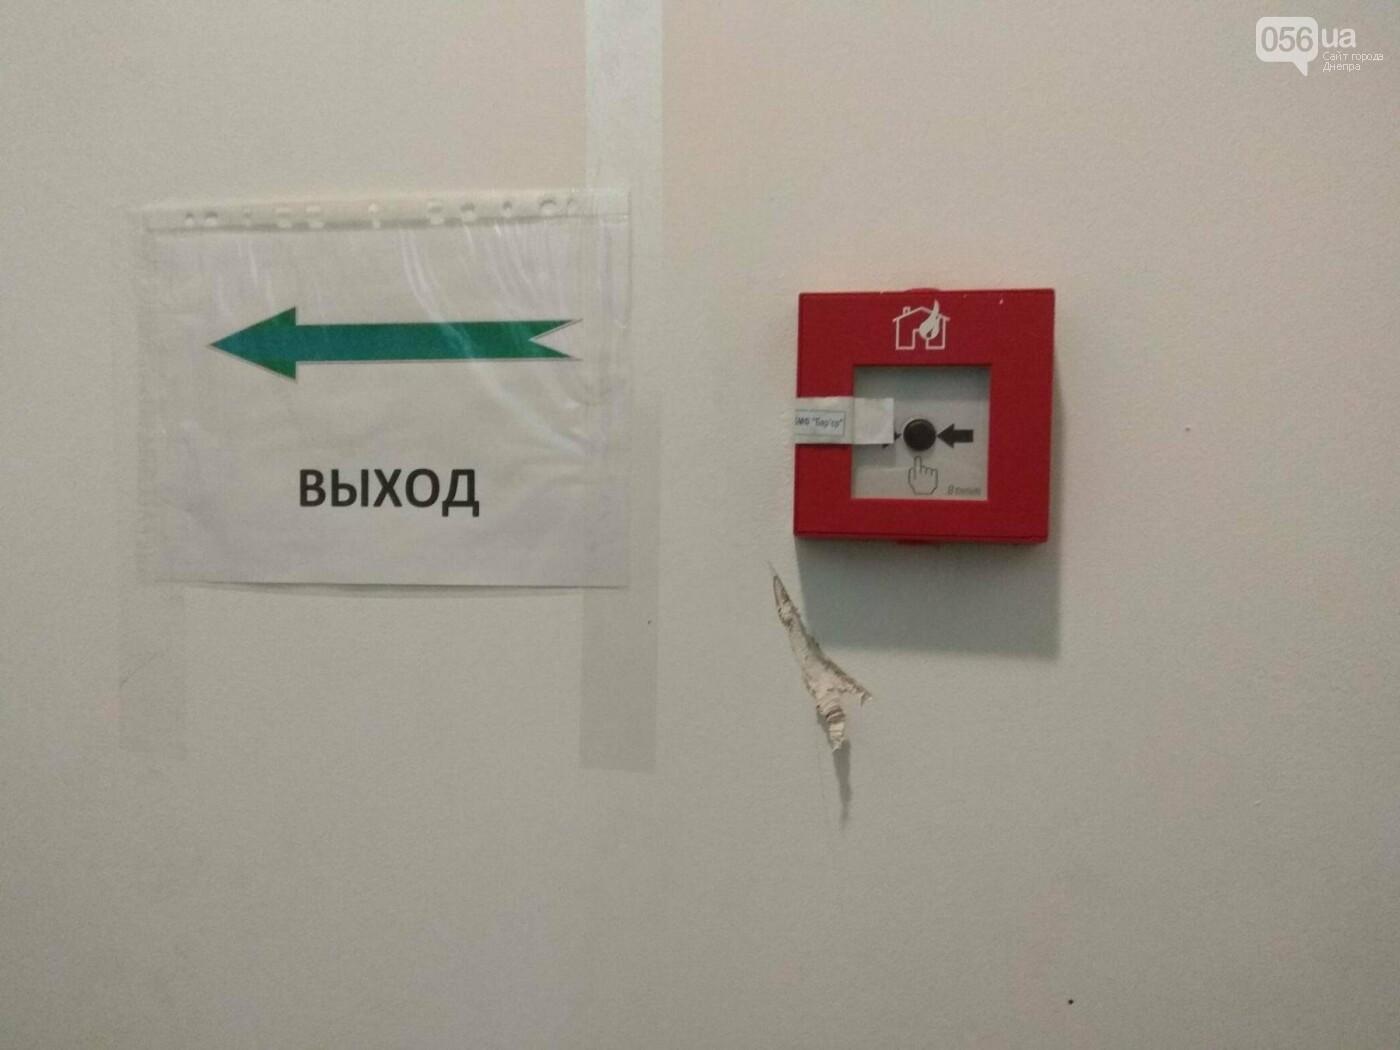 """Пройти путём эвакуации: как в ТРЦ """"Дафи"""" и """"Passage"""" соблюдают пожарную безопасность (ФОТО), фото-11"""